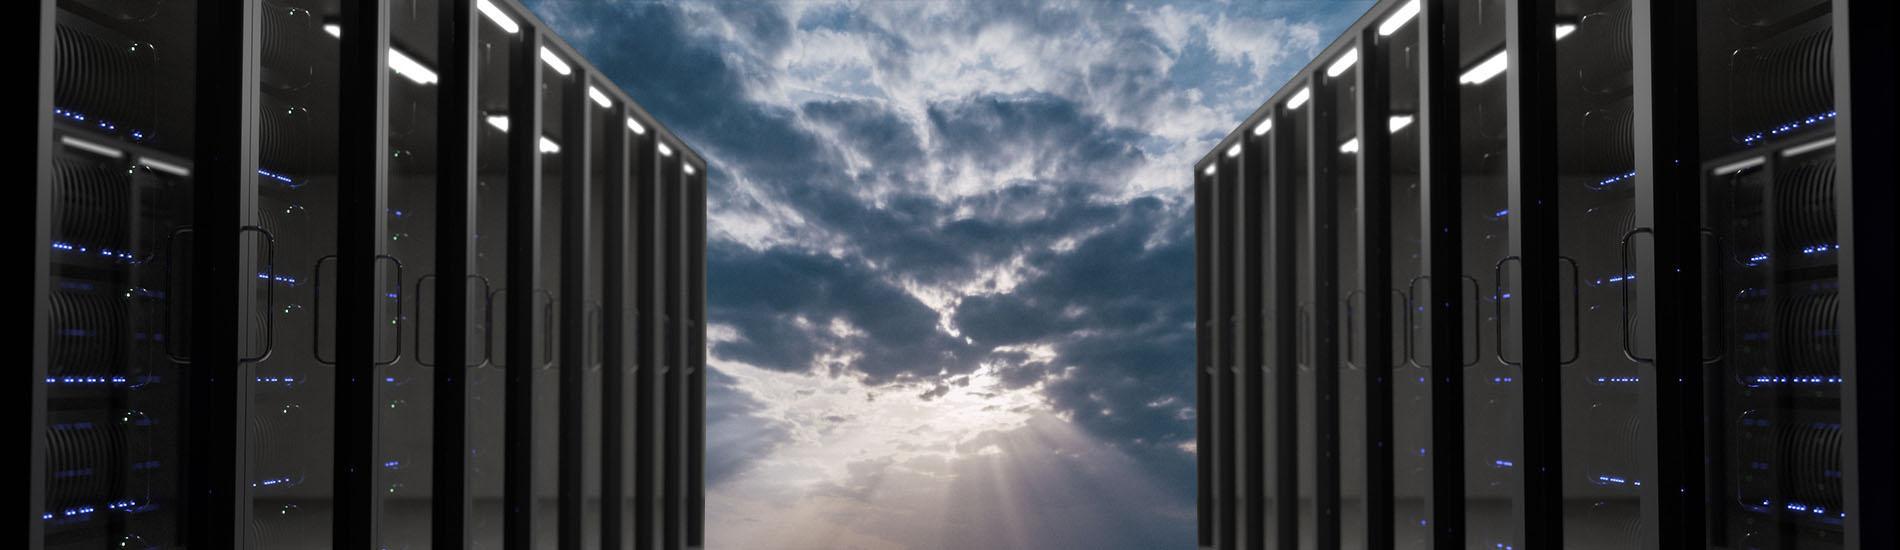 Uw data veilig in de cloud